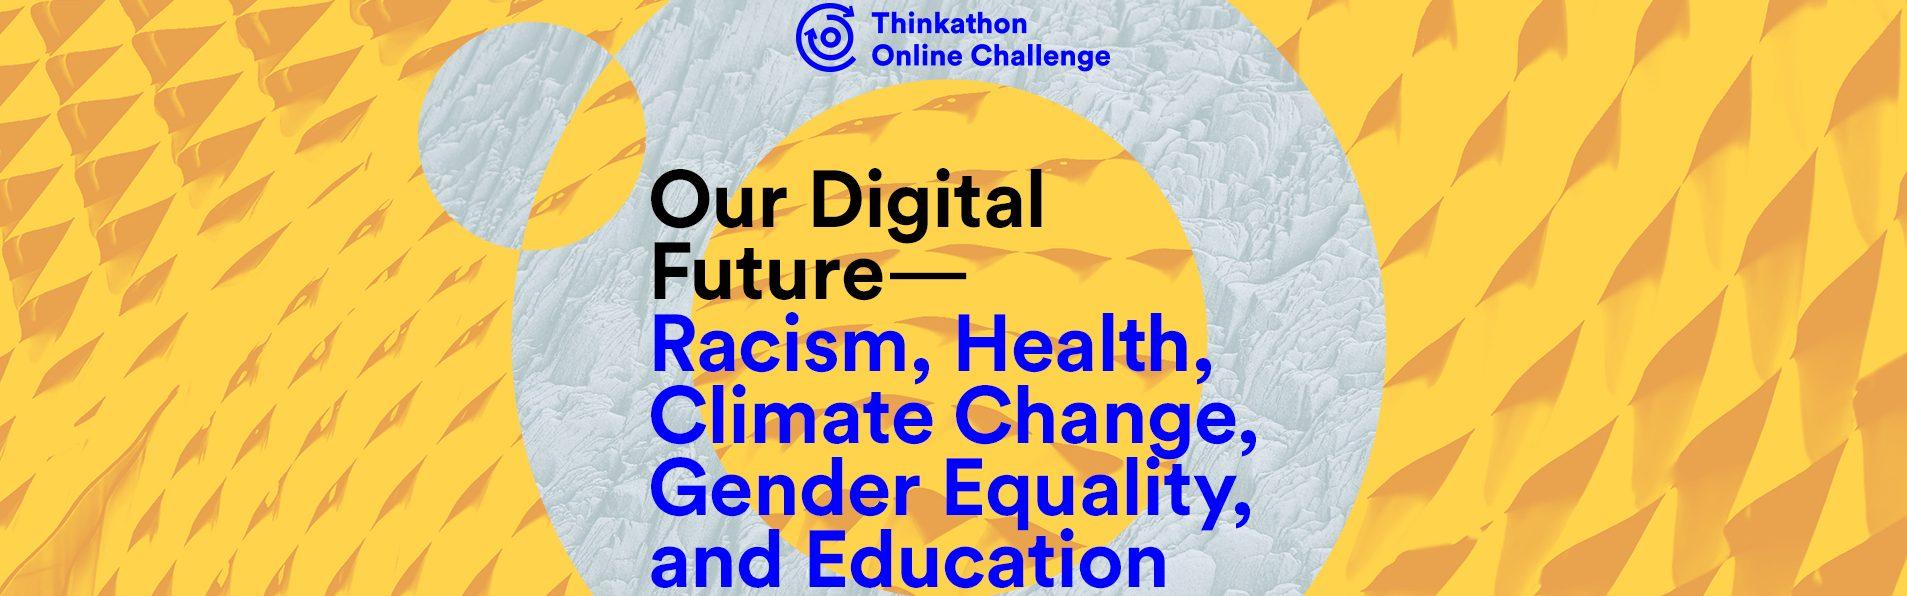 www.thinkyoung.eu